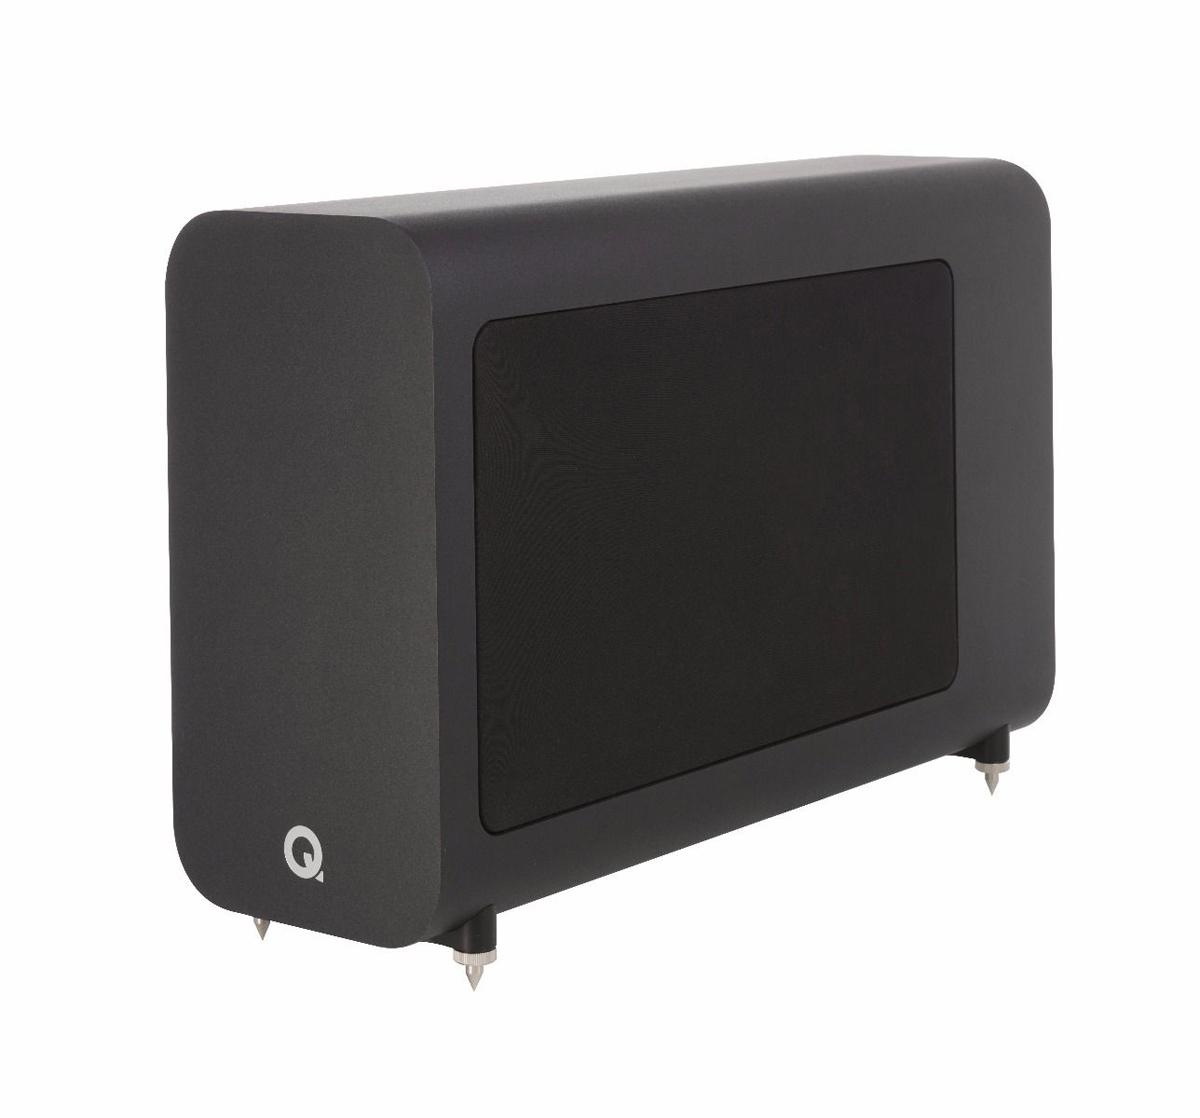 Q-Acoustics 3060S Aktiv-Subwoofer, schwarz (geprüfte Retoure)